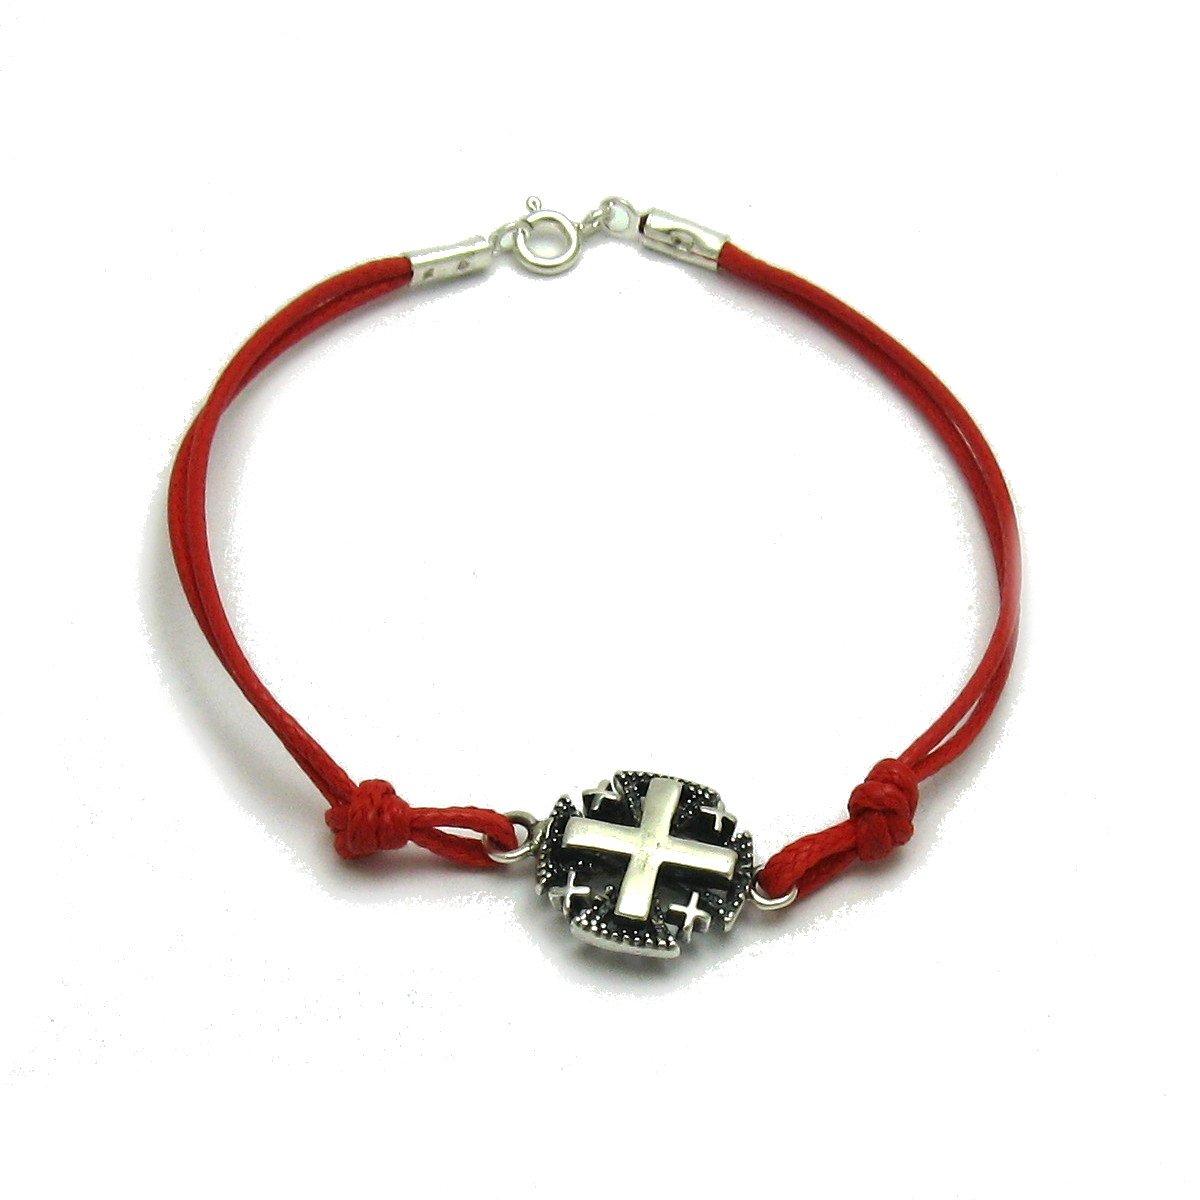 Pulsera de plata de ley 925 Cruz de Jerusalén con cuerda roja